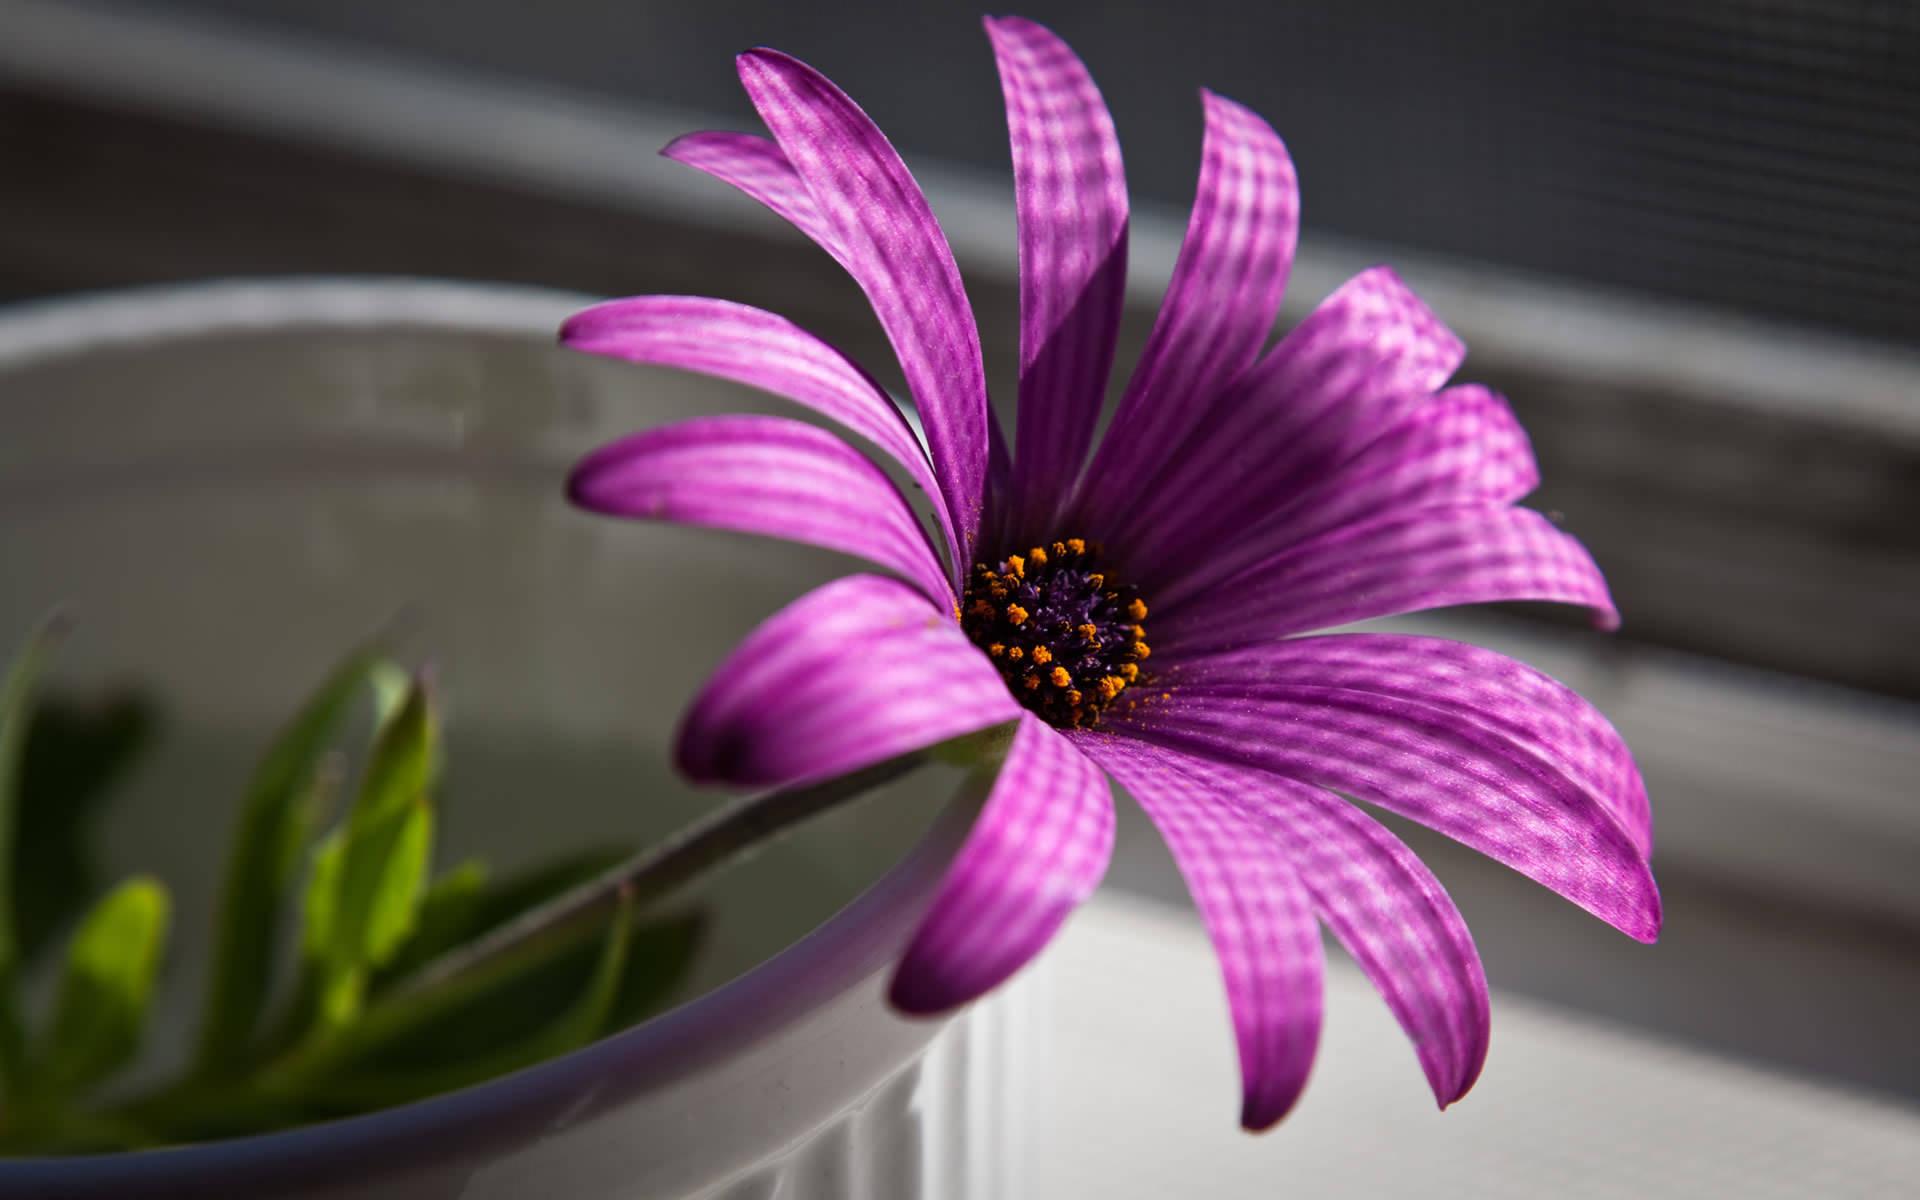 Purple Flower Wallpaper 1920x1200 1920x1200